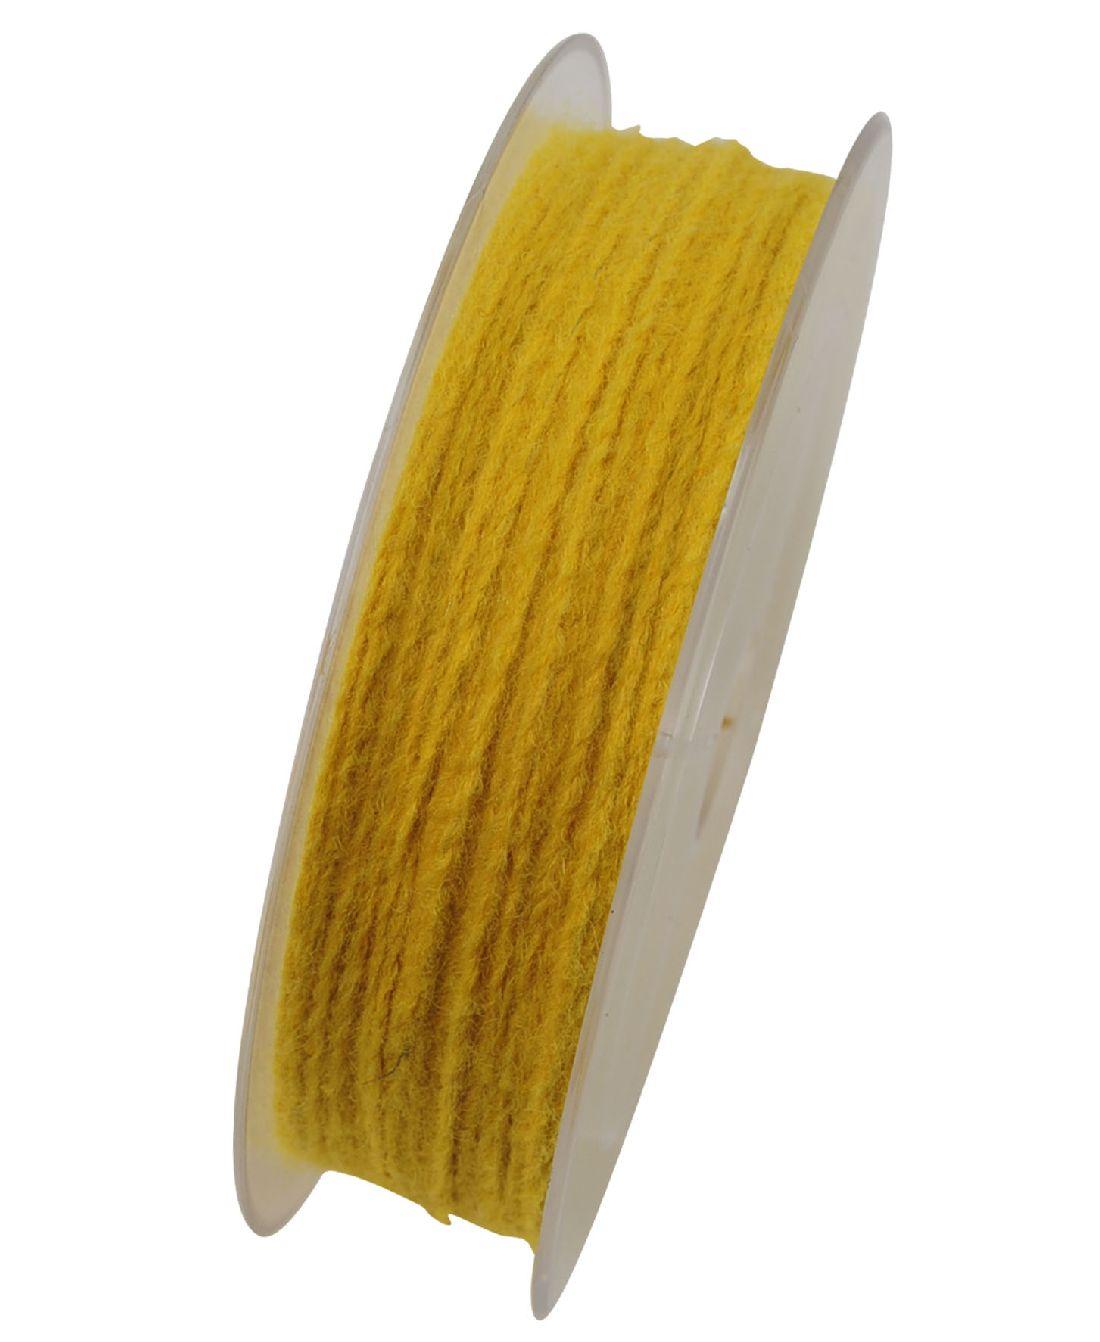 Wollkordel Twist mit Draht GELB 5109 2mm  50 Meter  Wollschnur